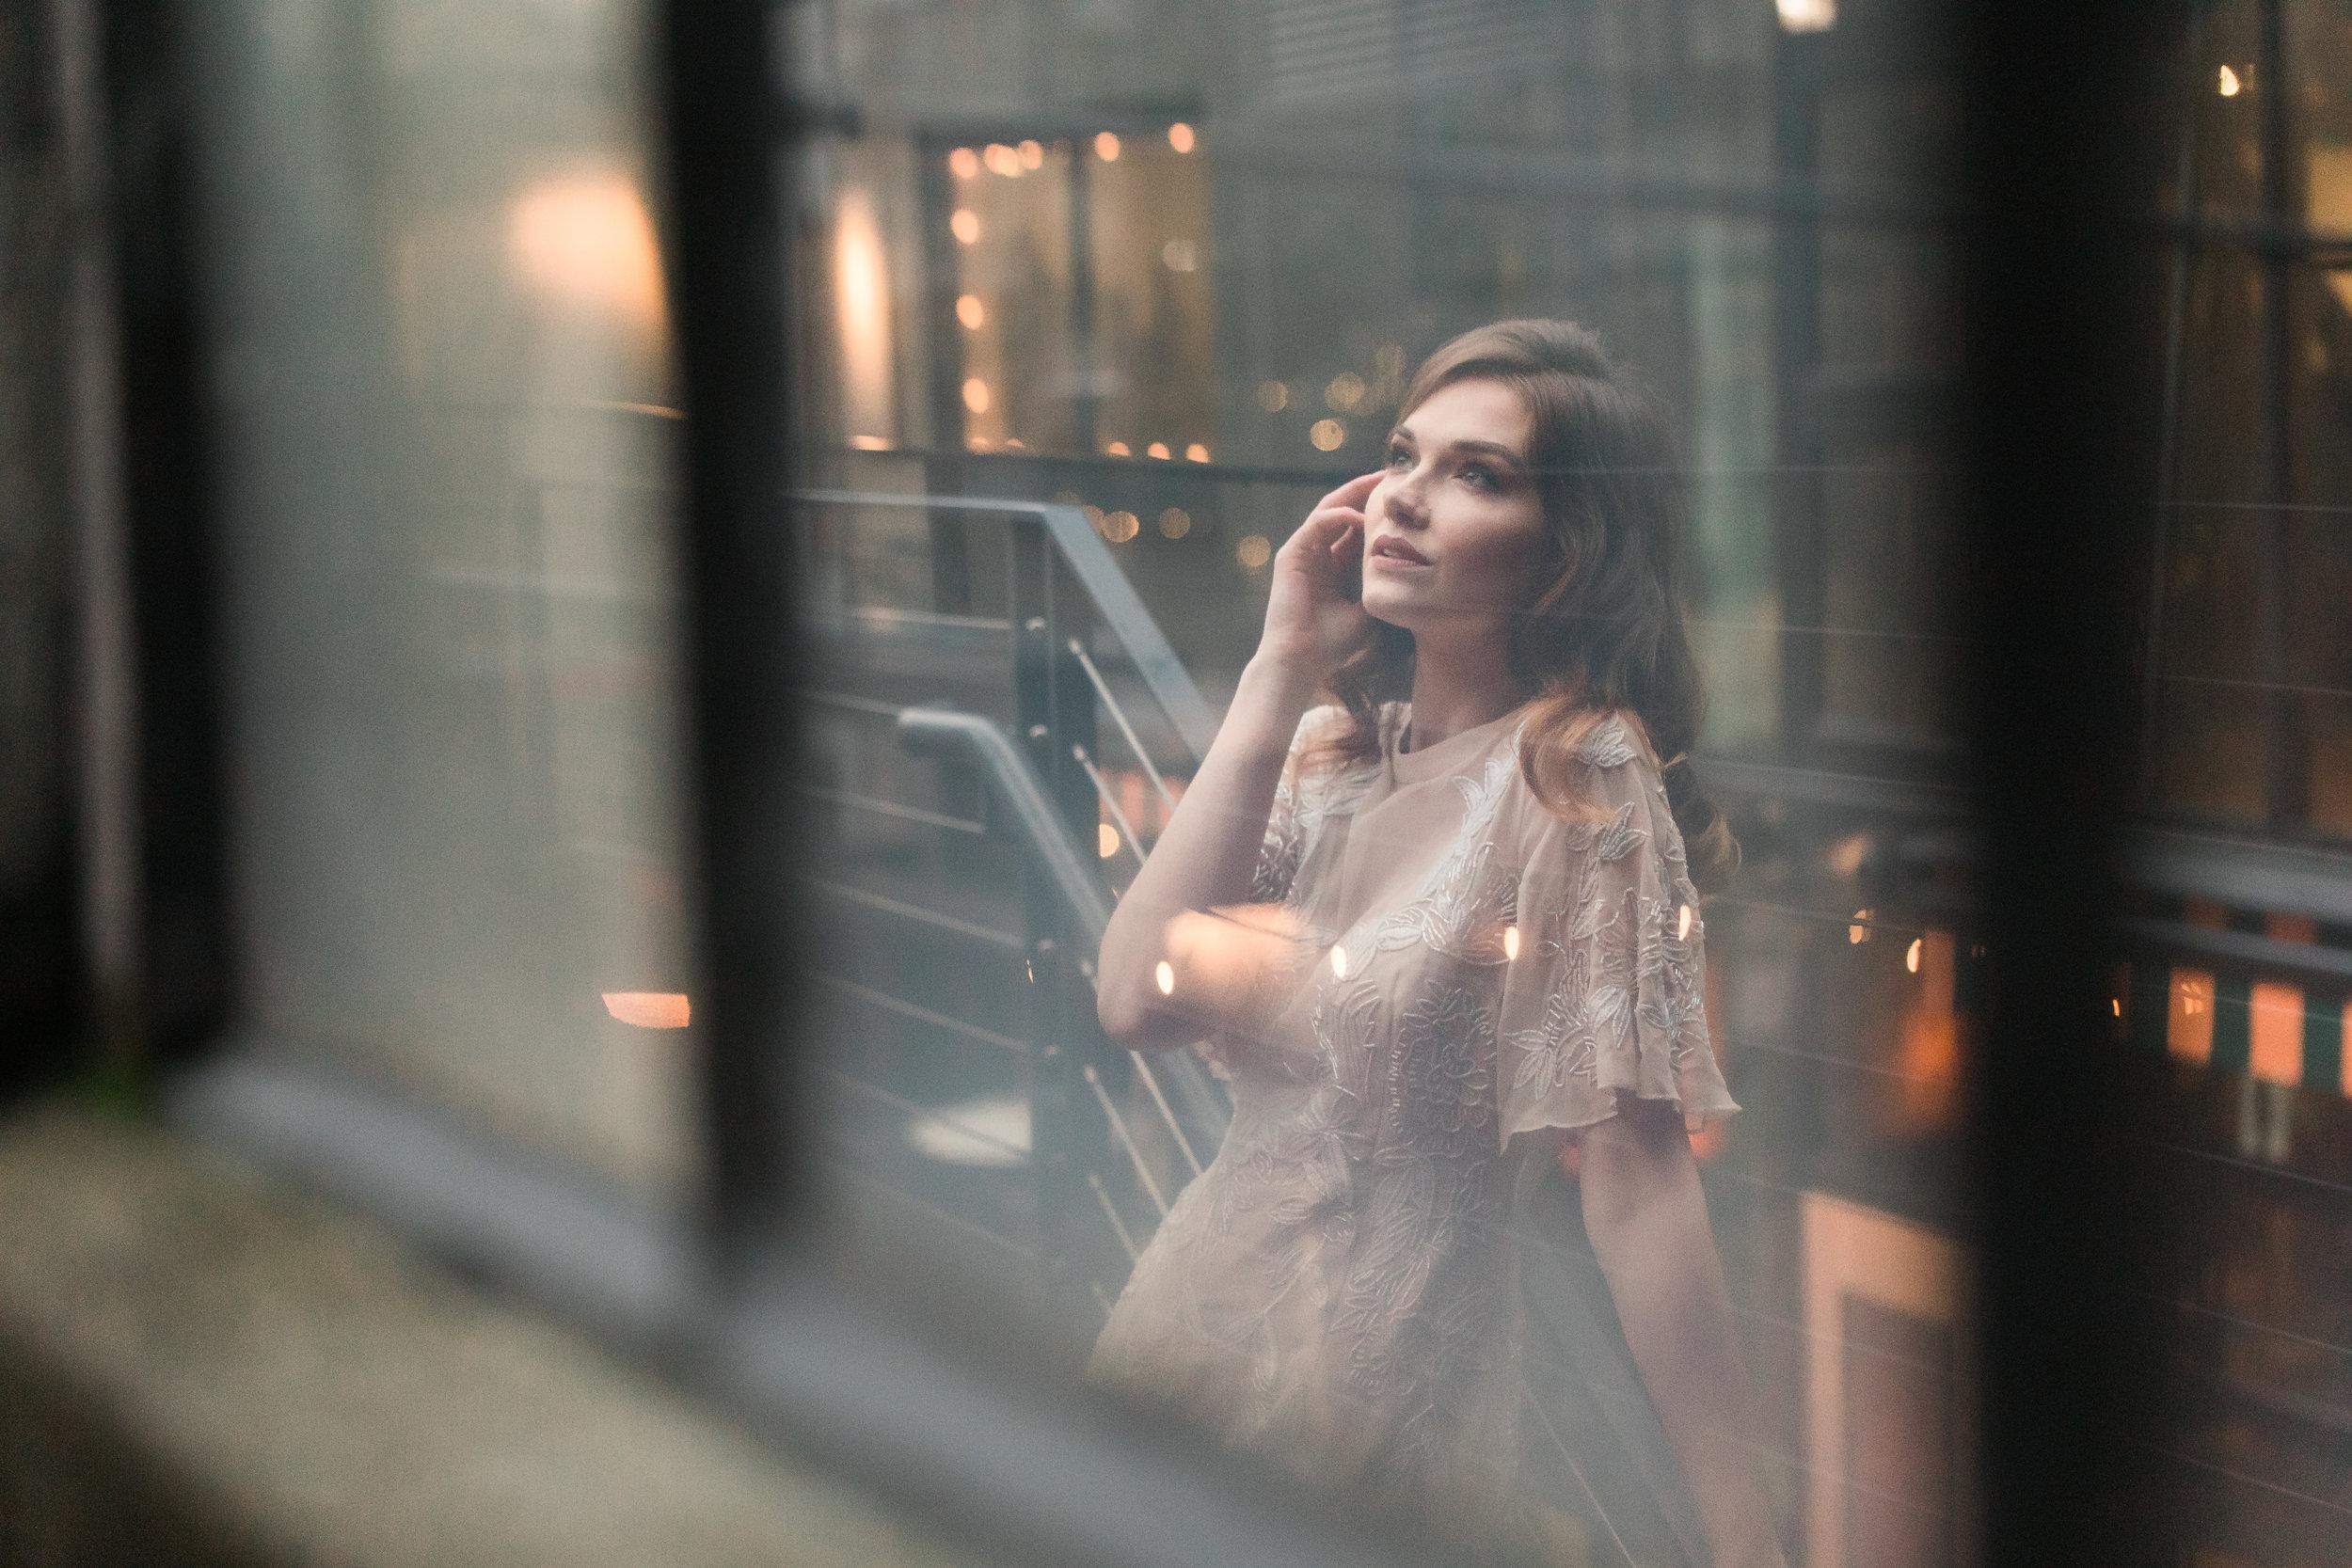 Styled-Bridal-Session-Seattle-Washington-Tara-Nichole-Photo-18.jpg